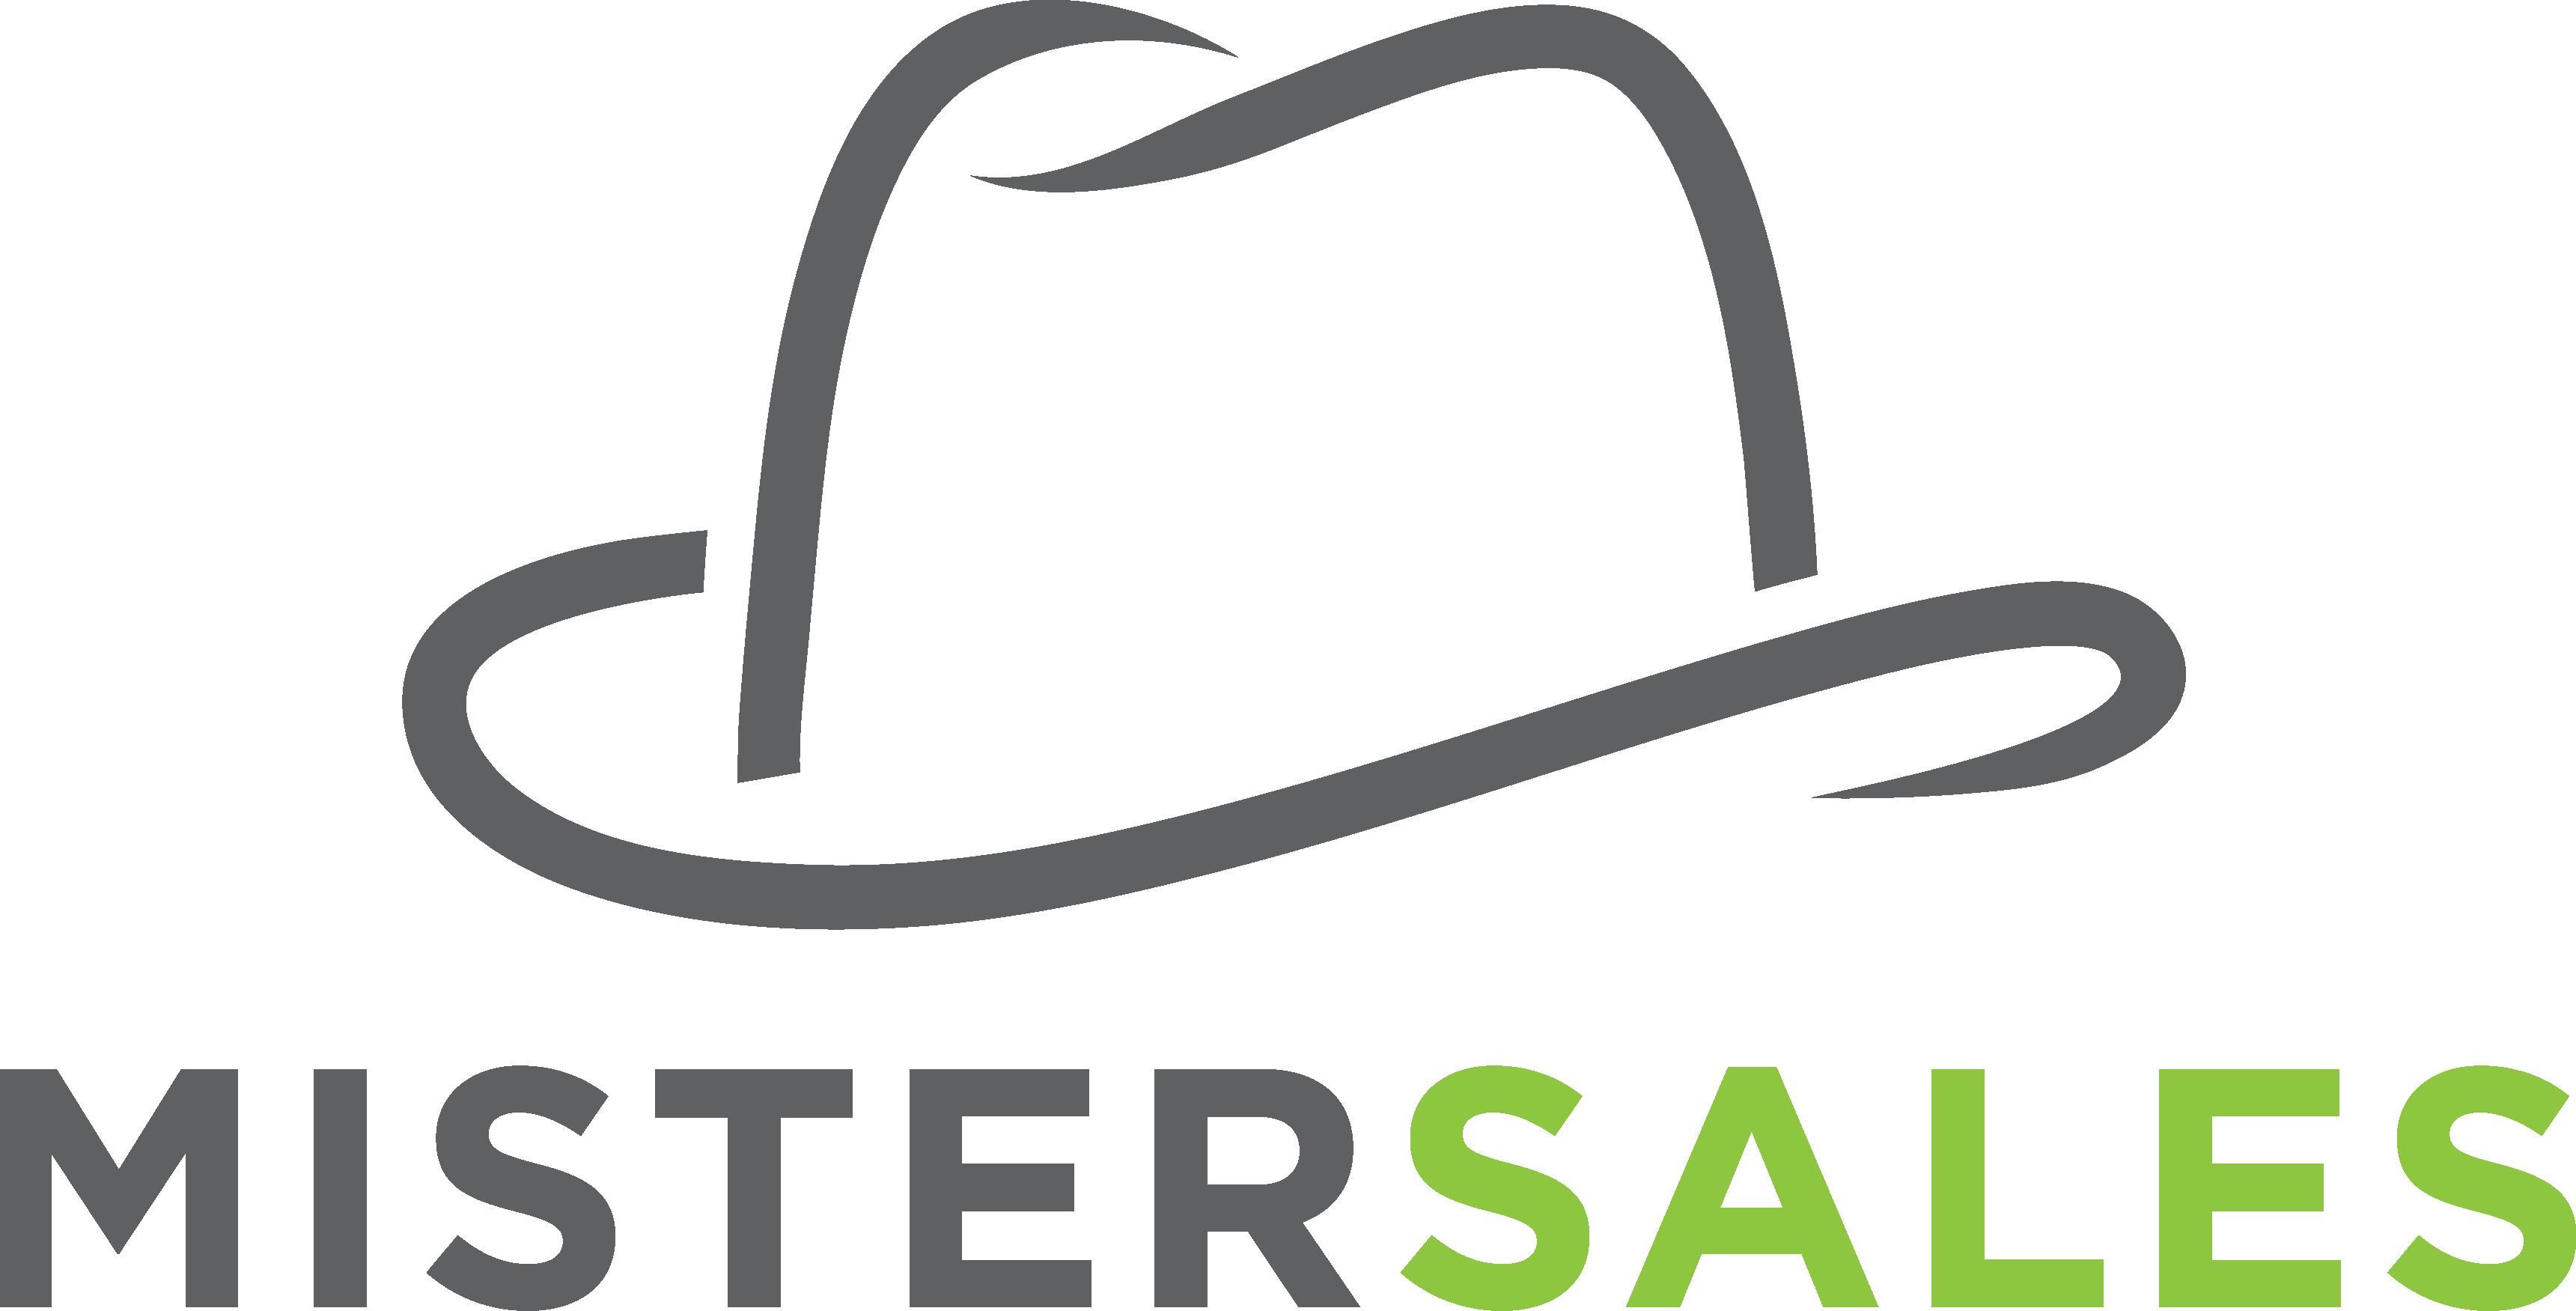 Mister sales logo